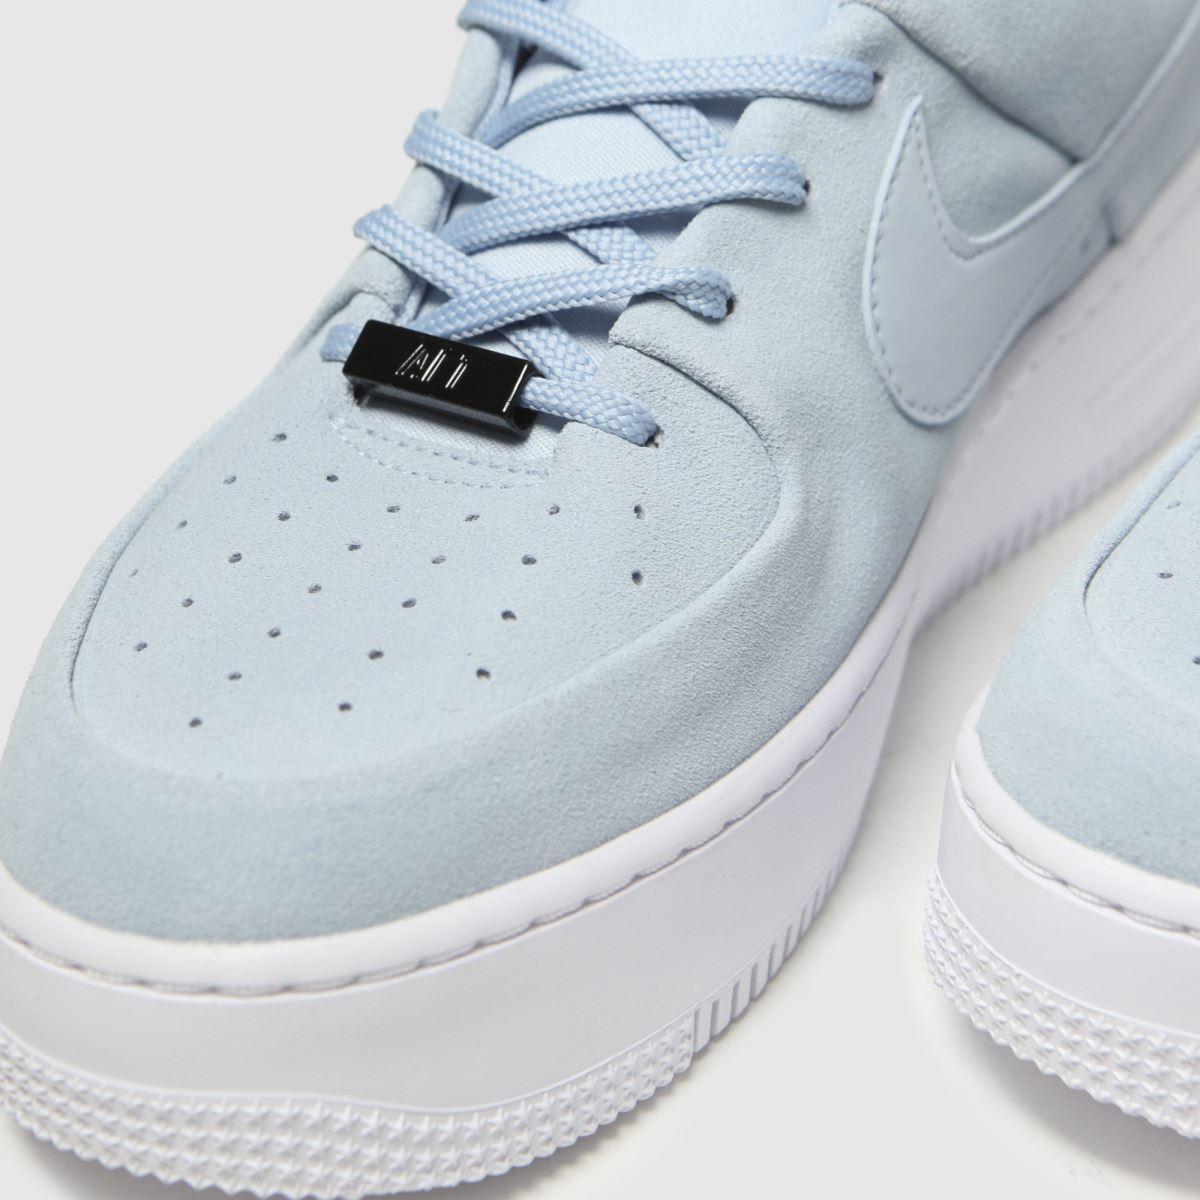 Nike Suede Air Force 1 Sage Low